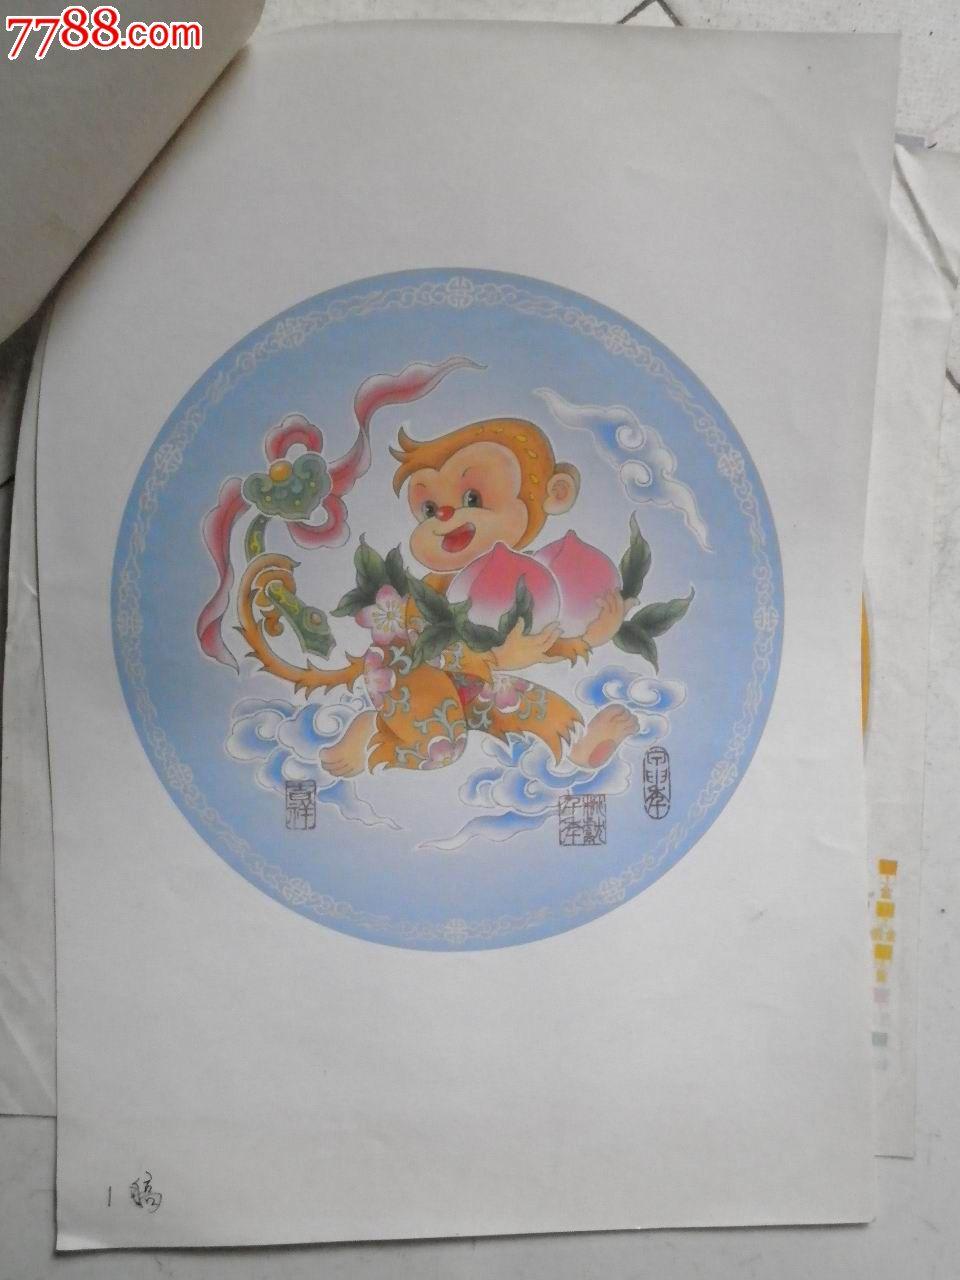 陶瓷贴花纸--猴子献桃和设计原稿